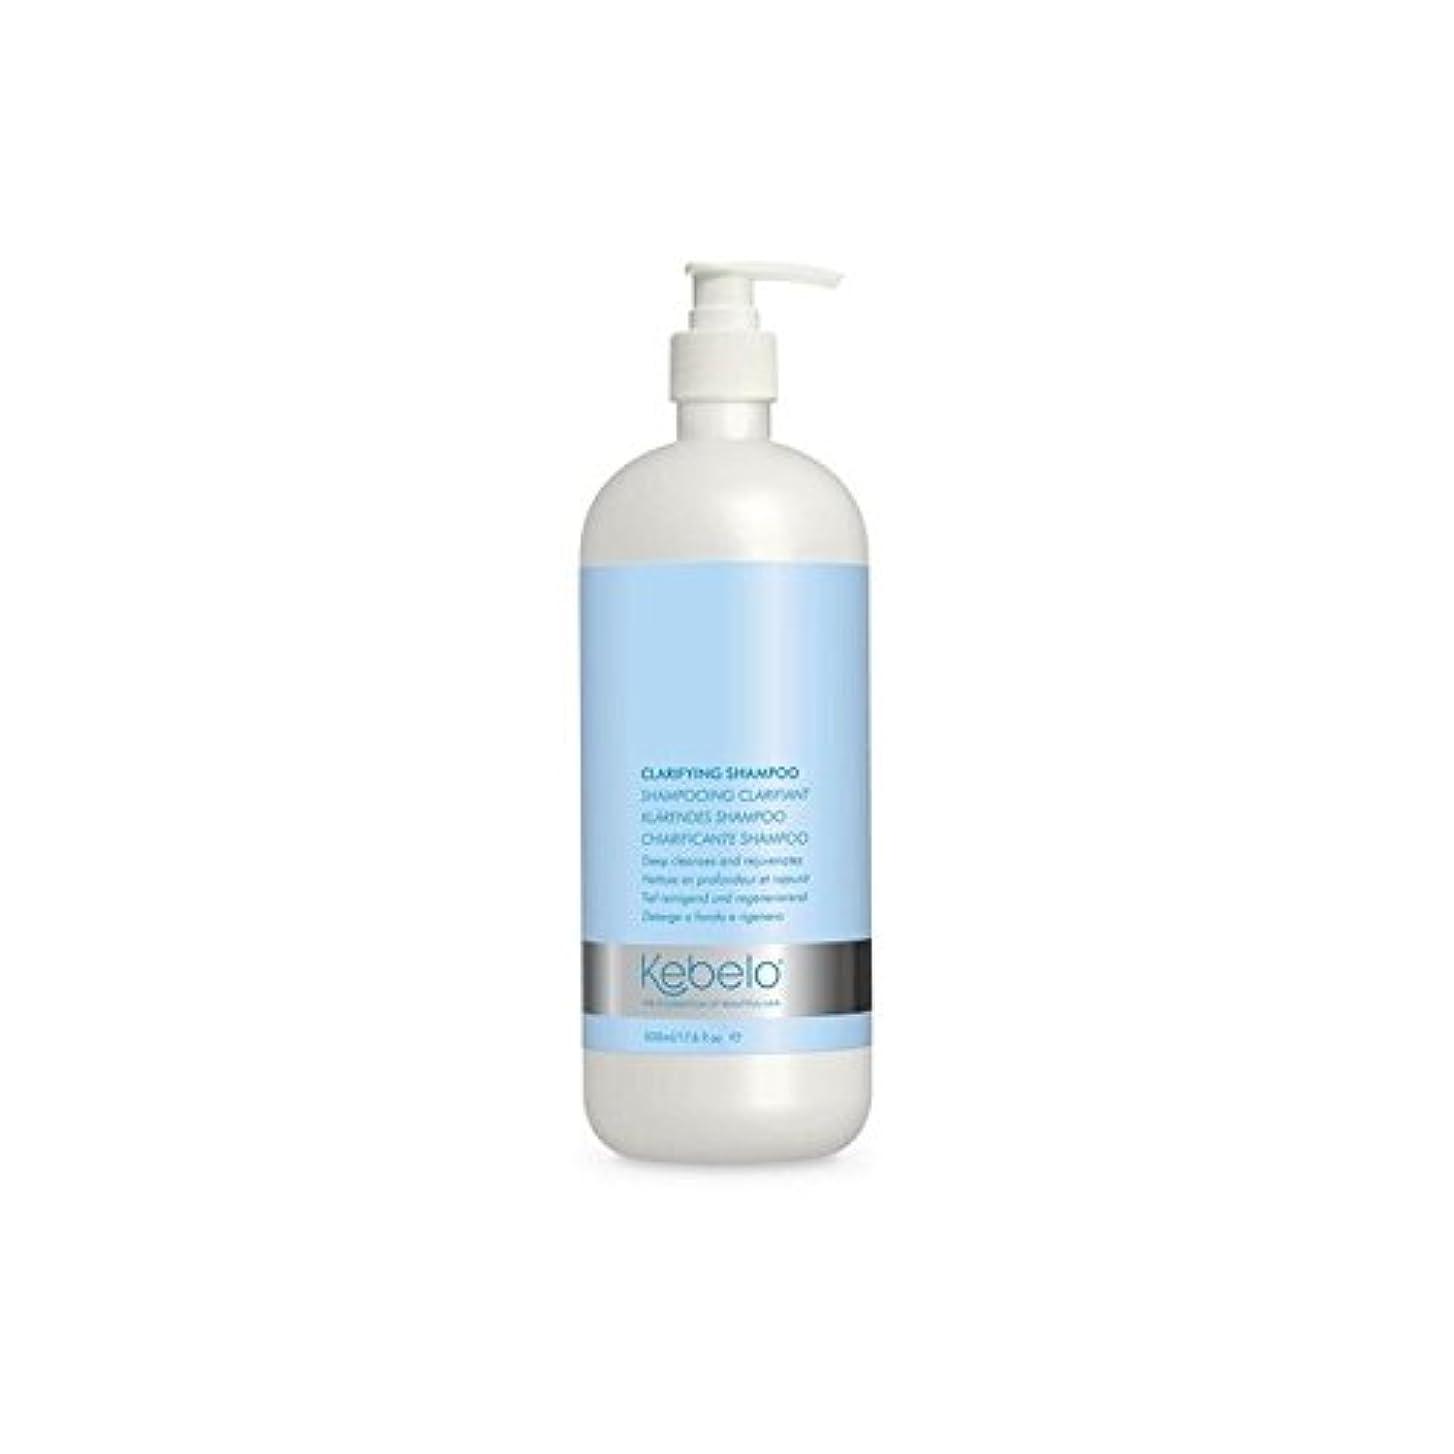 借りている下るしないでください明確化シャンプー(500ミリリットル) x2 - Kebelo Clarifying Shampoo (500ml) (Pack of 2) [並行輸入品]